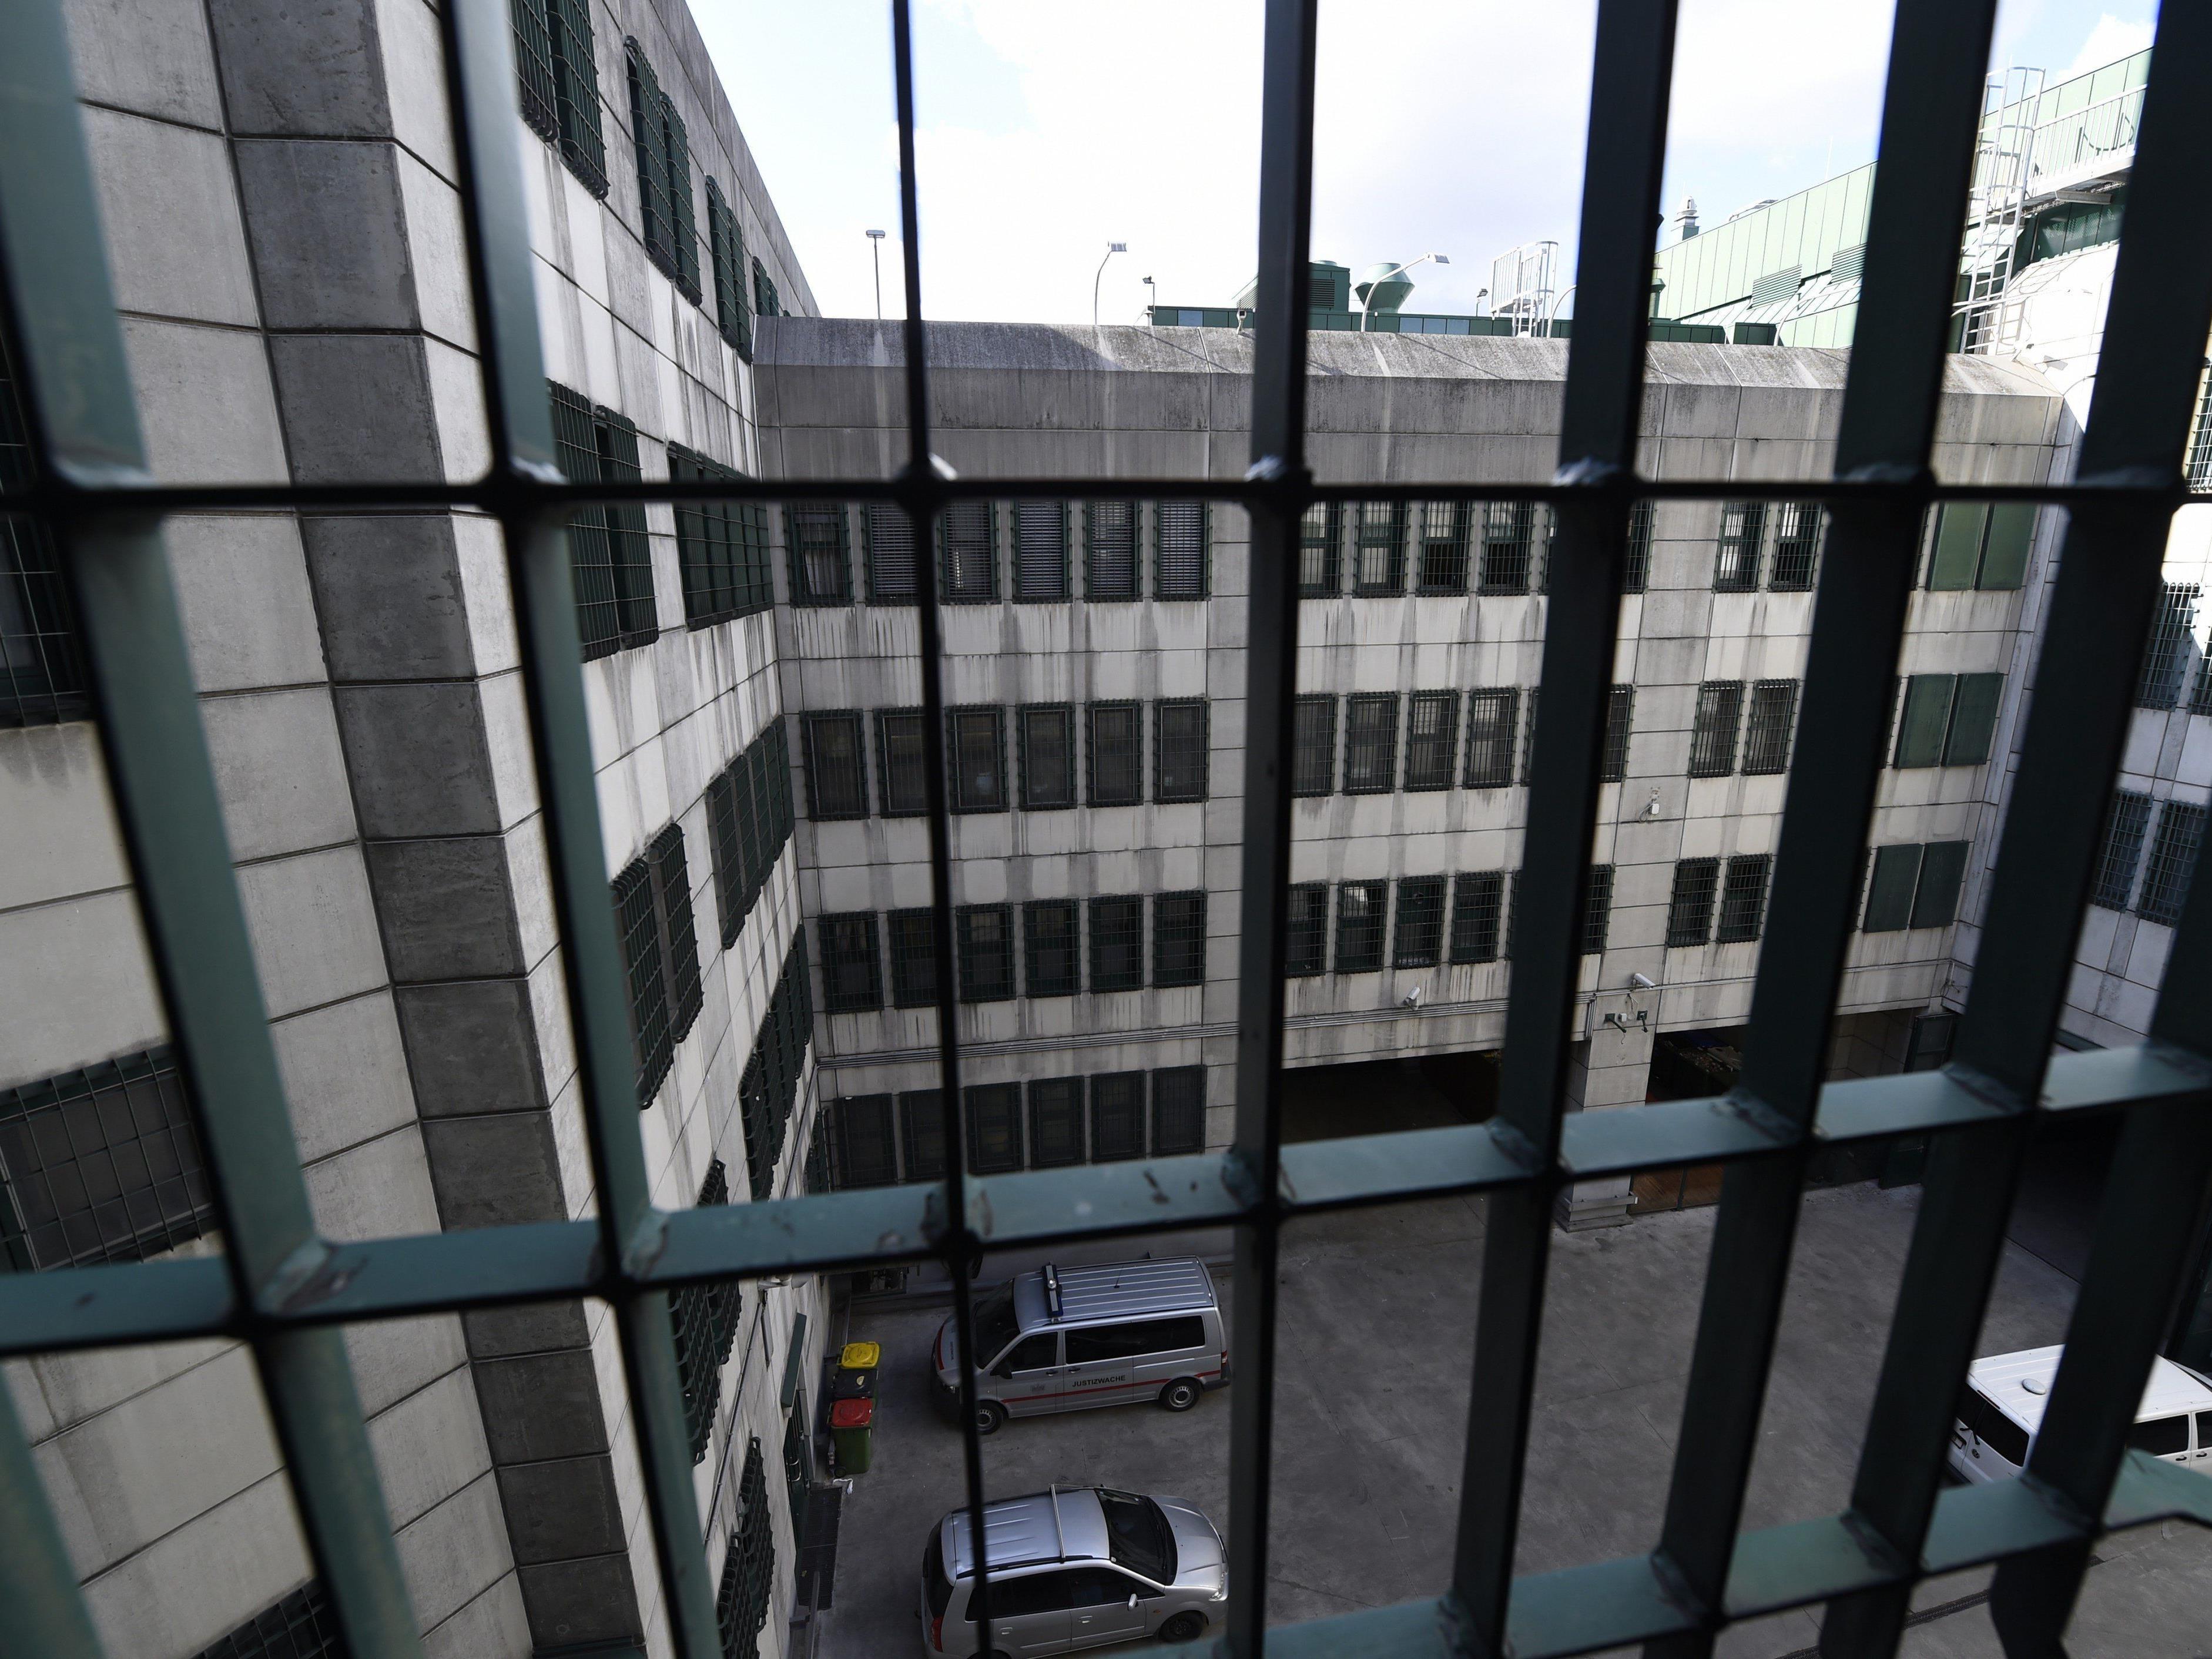 Aliyevs Zelle in der Justizanstalt Josefstadt soll 14 Stunden lang verschlossen gewesen sein.